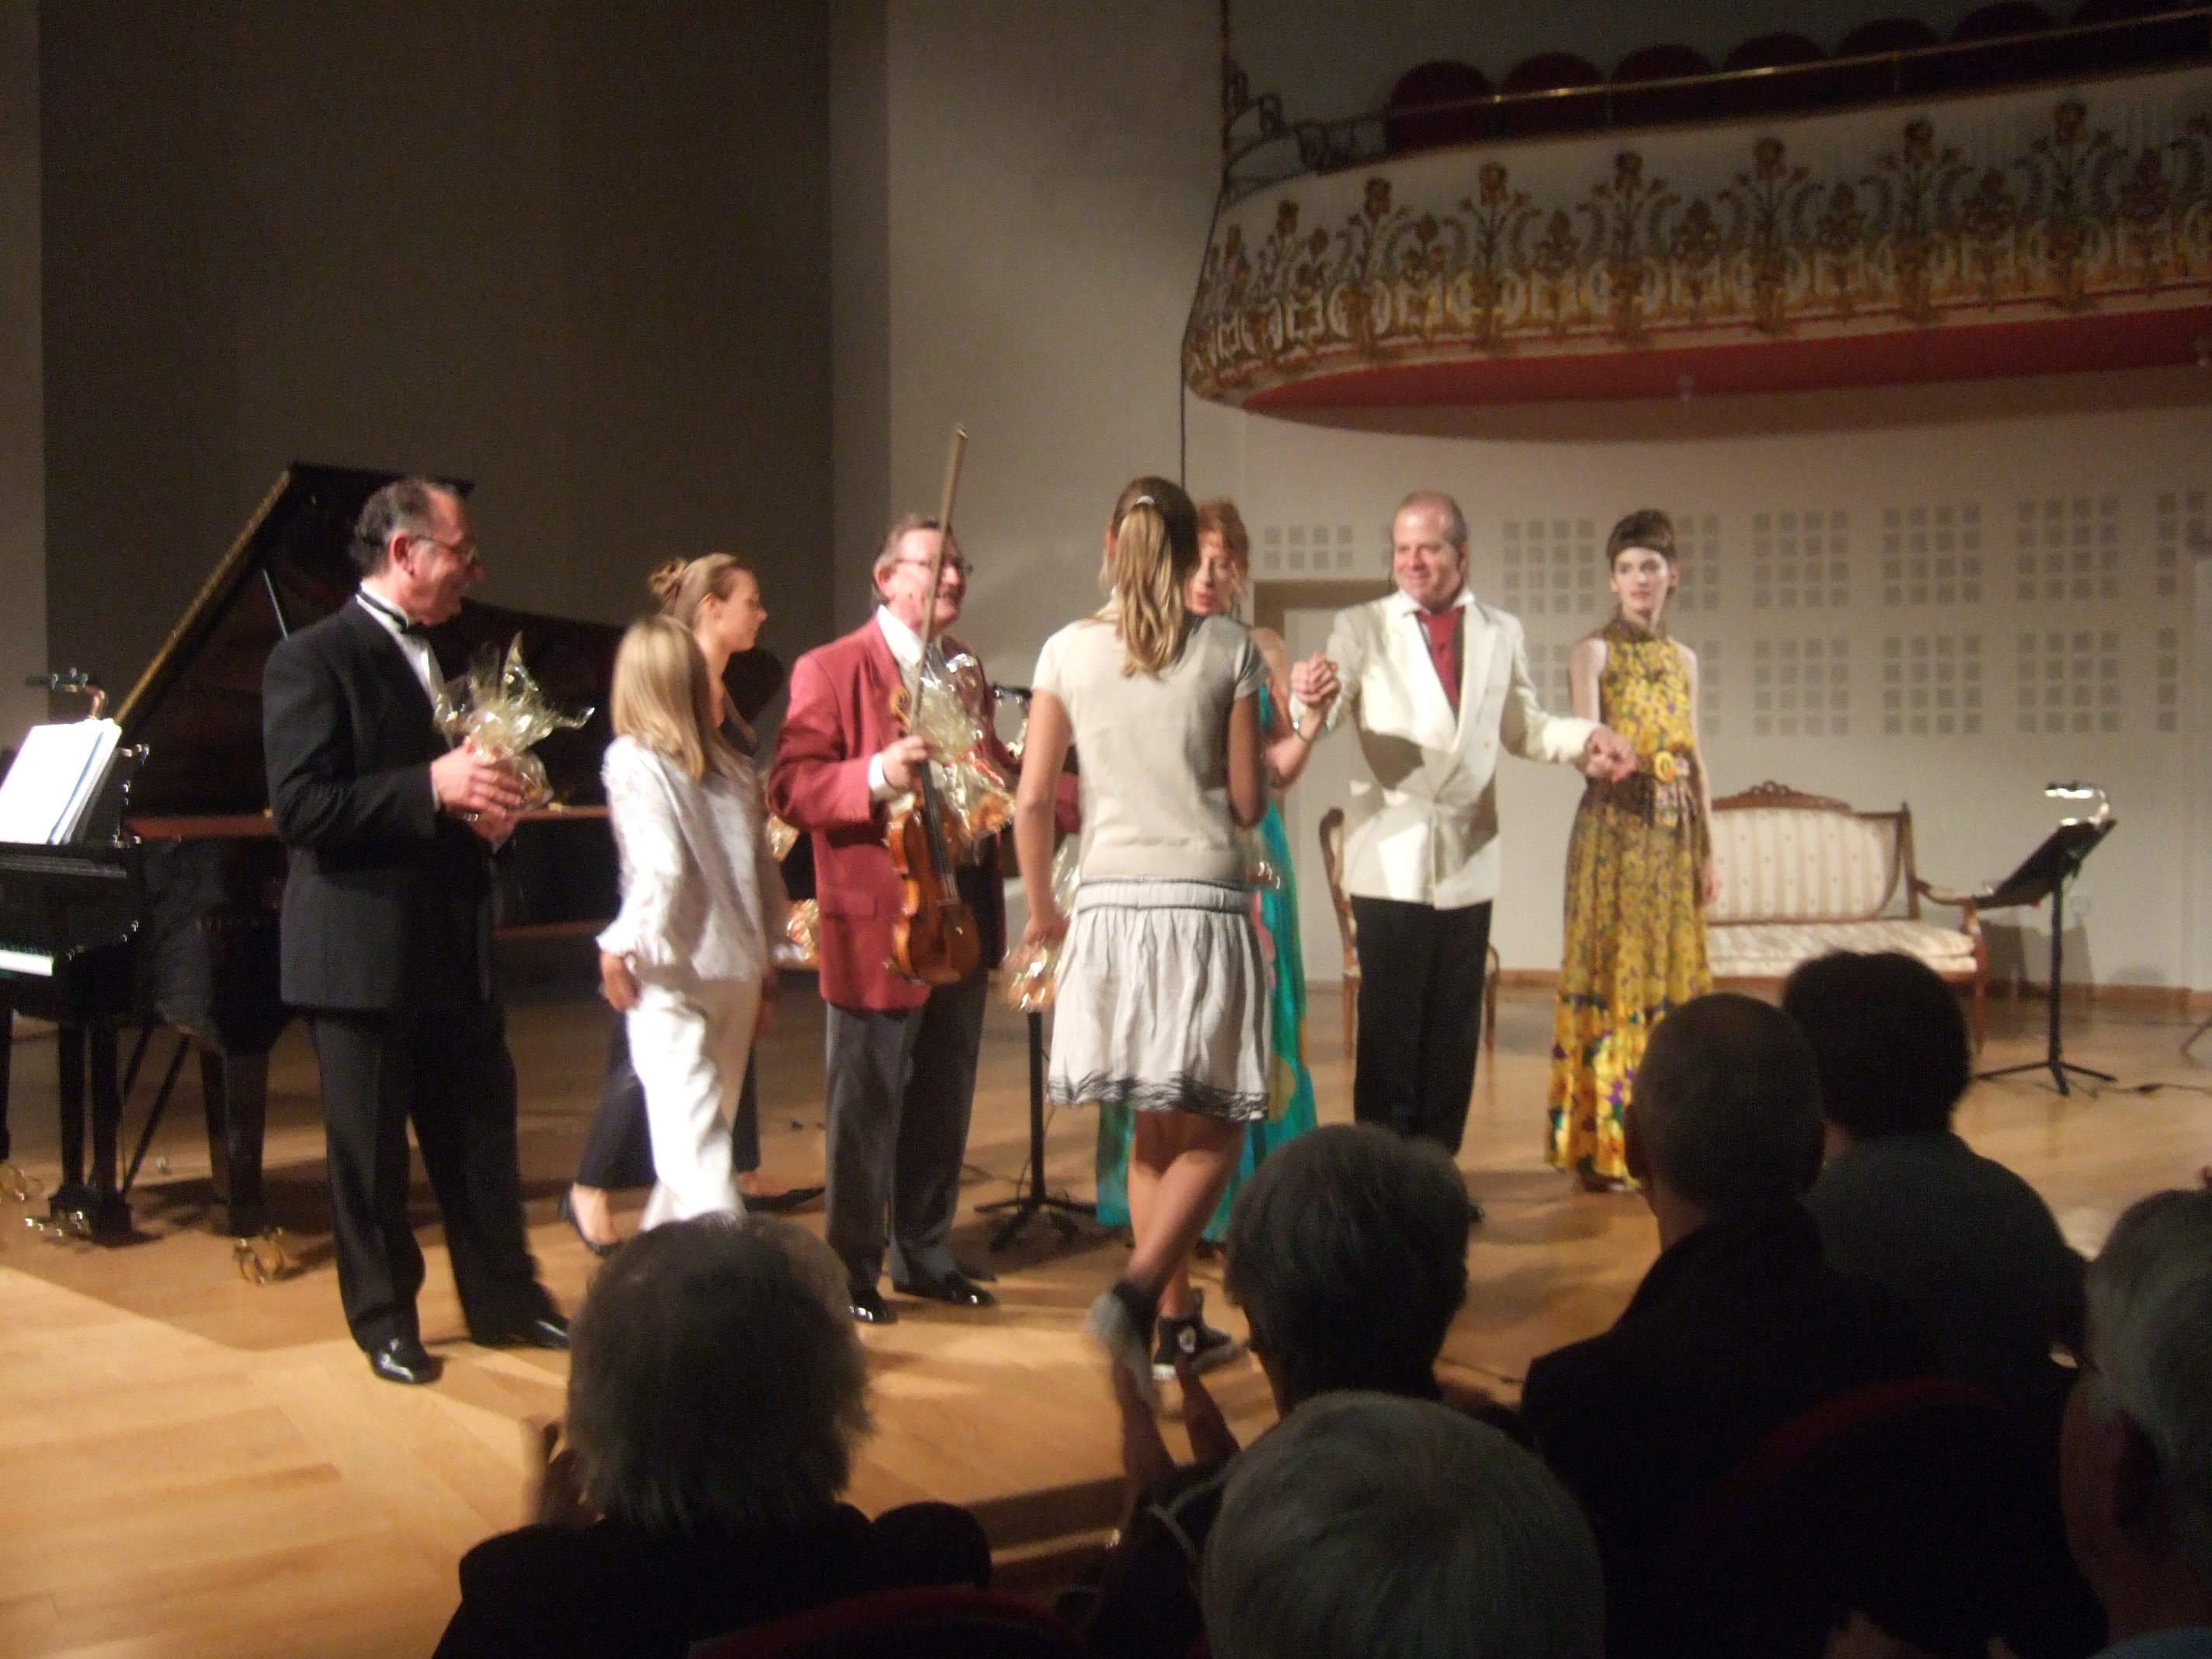 Alain Raës, Jean-Pierre Sabouret, Marie Rivière, Carole Anderson, Denis Simándy et Laure-Lucile Simon au Festival Clef de Soleil